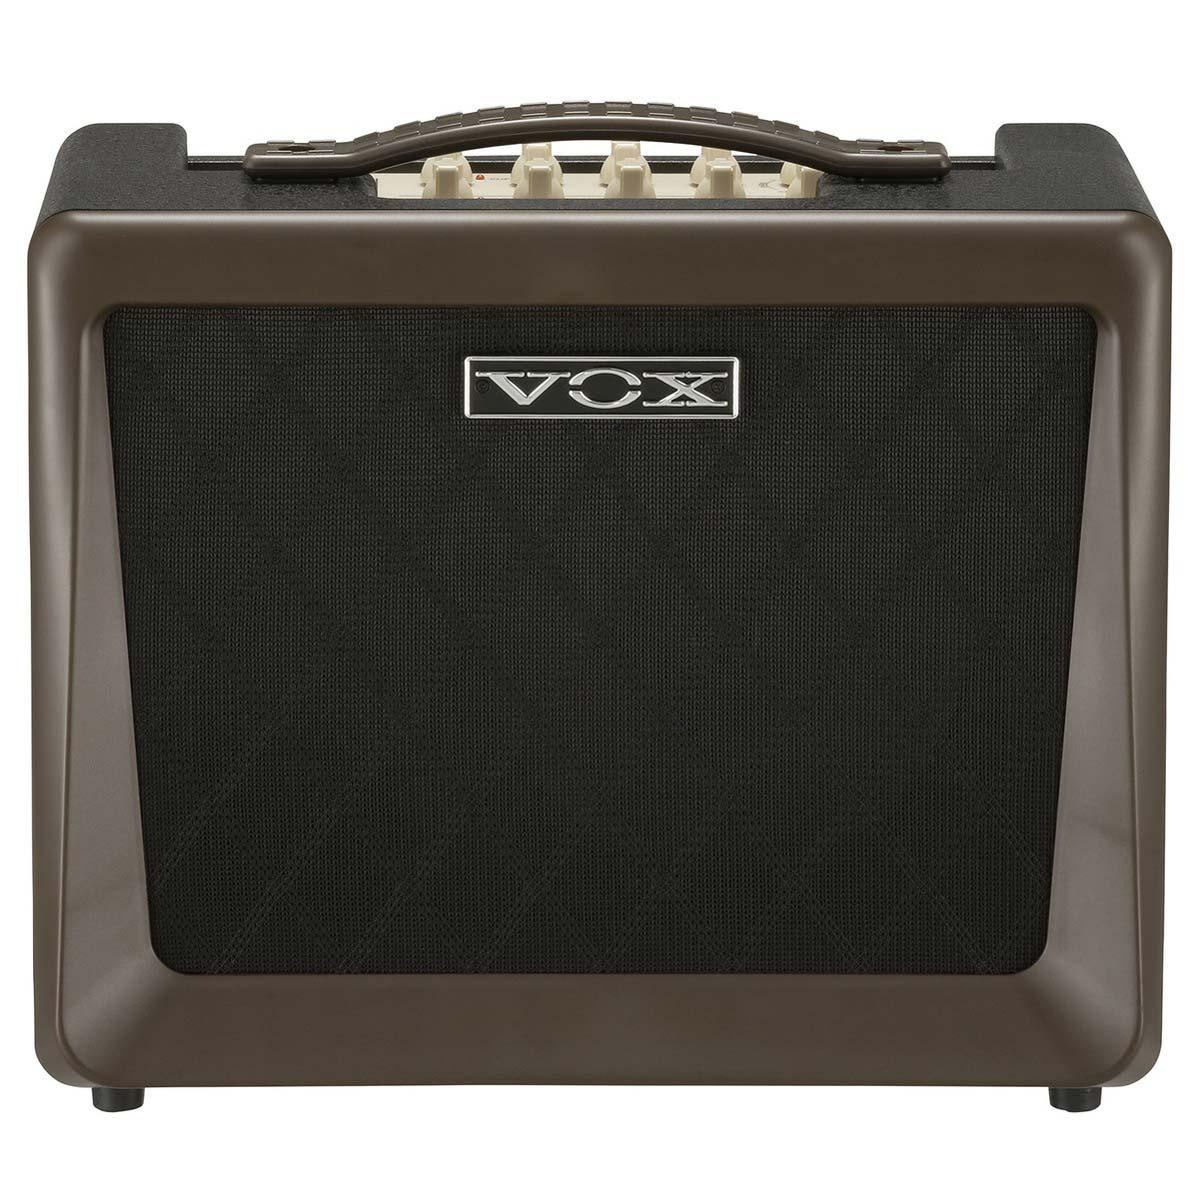 Billede af Vox VX50-AG akustiskguitar-forstærker